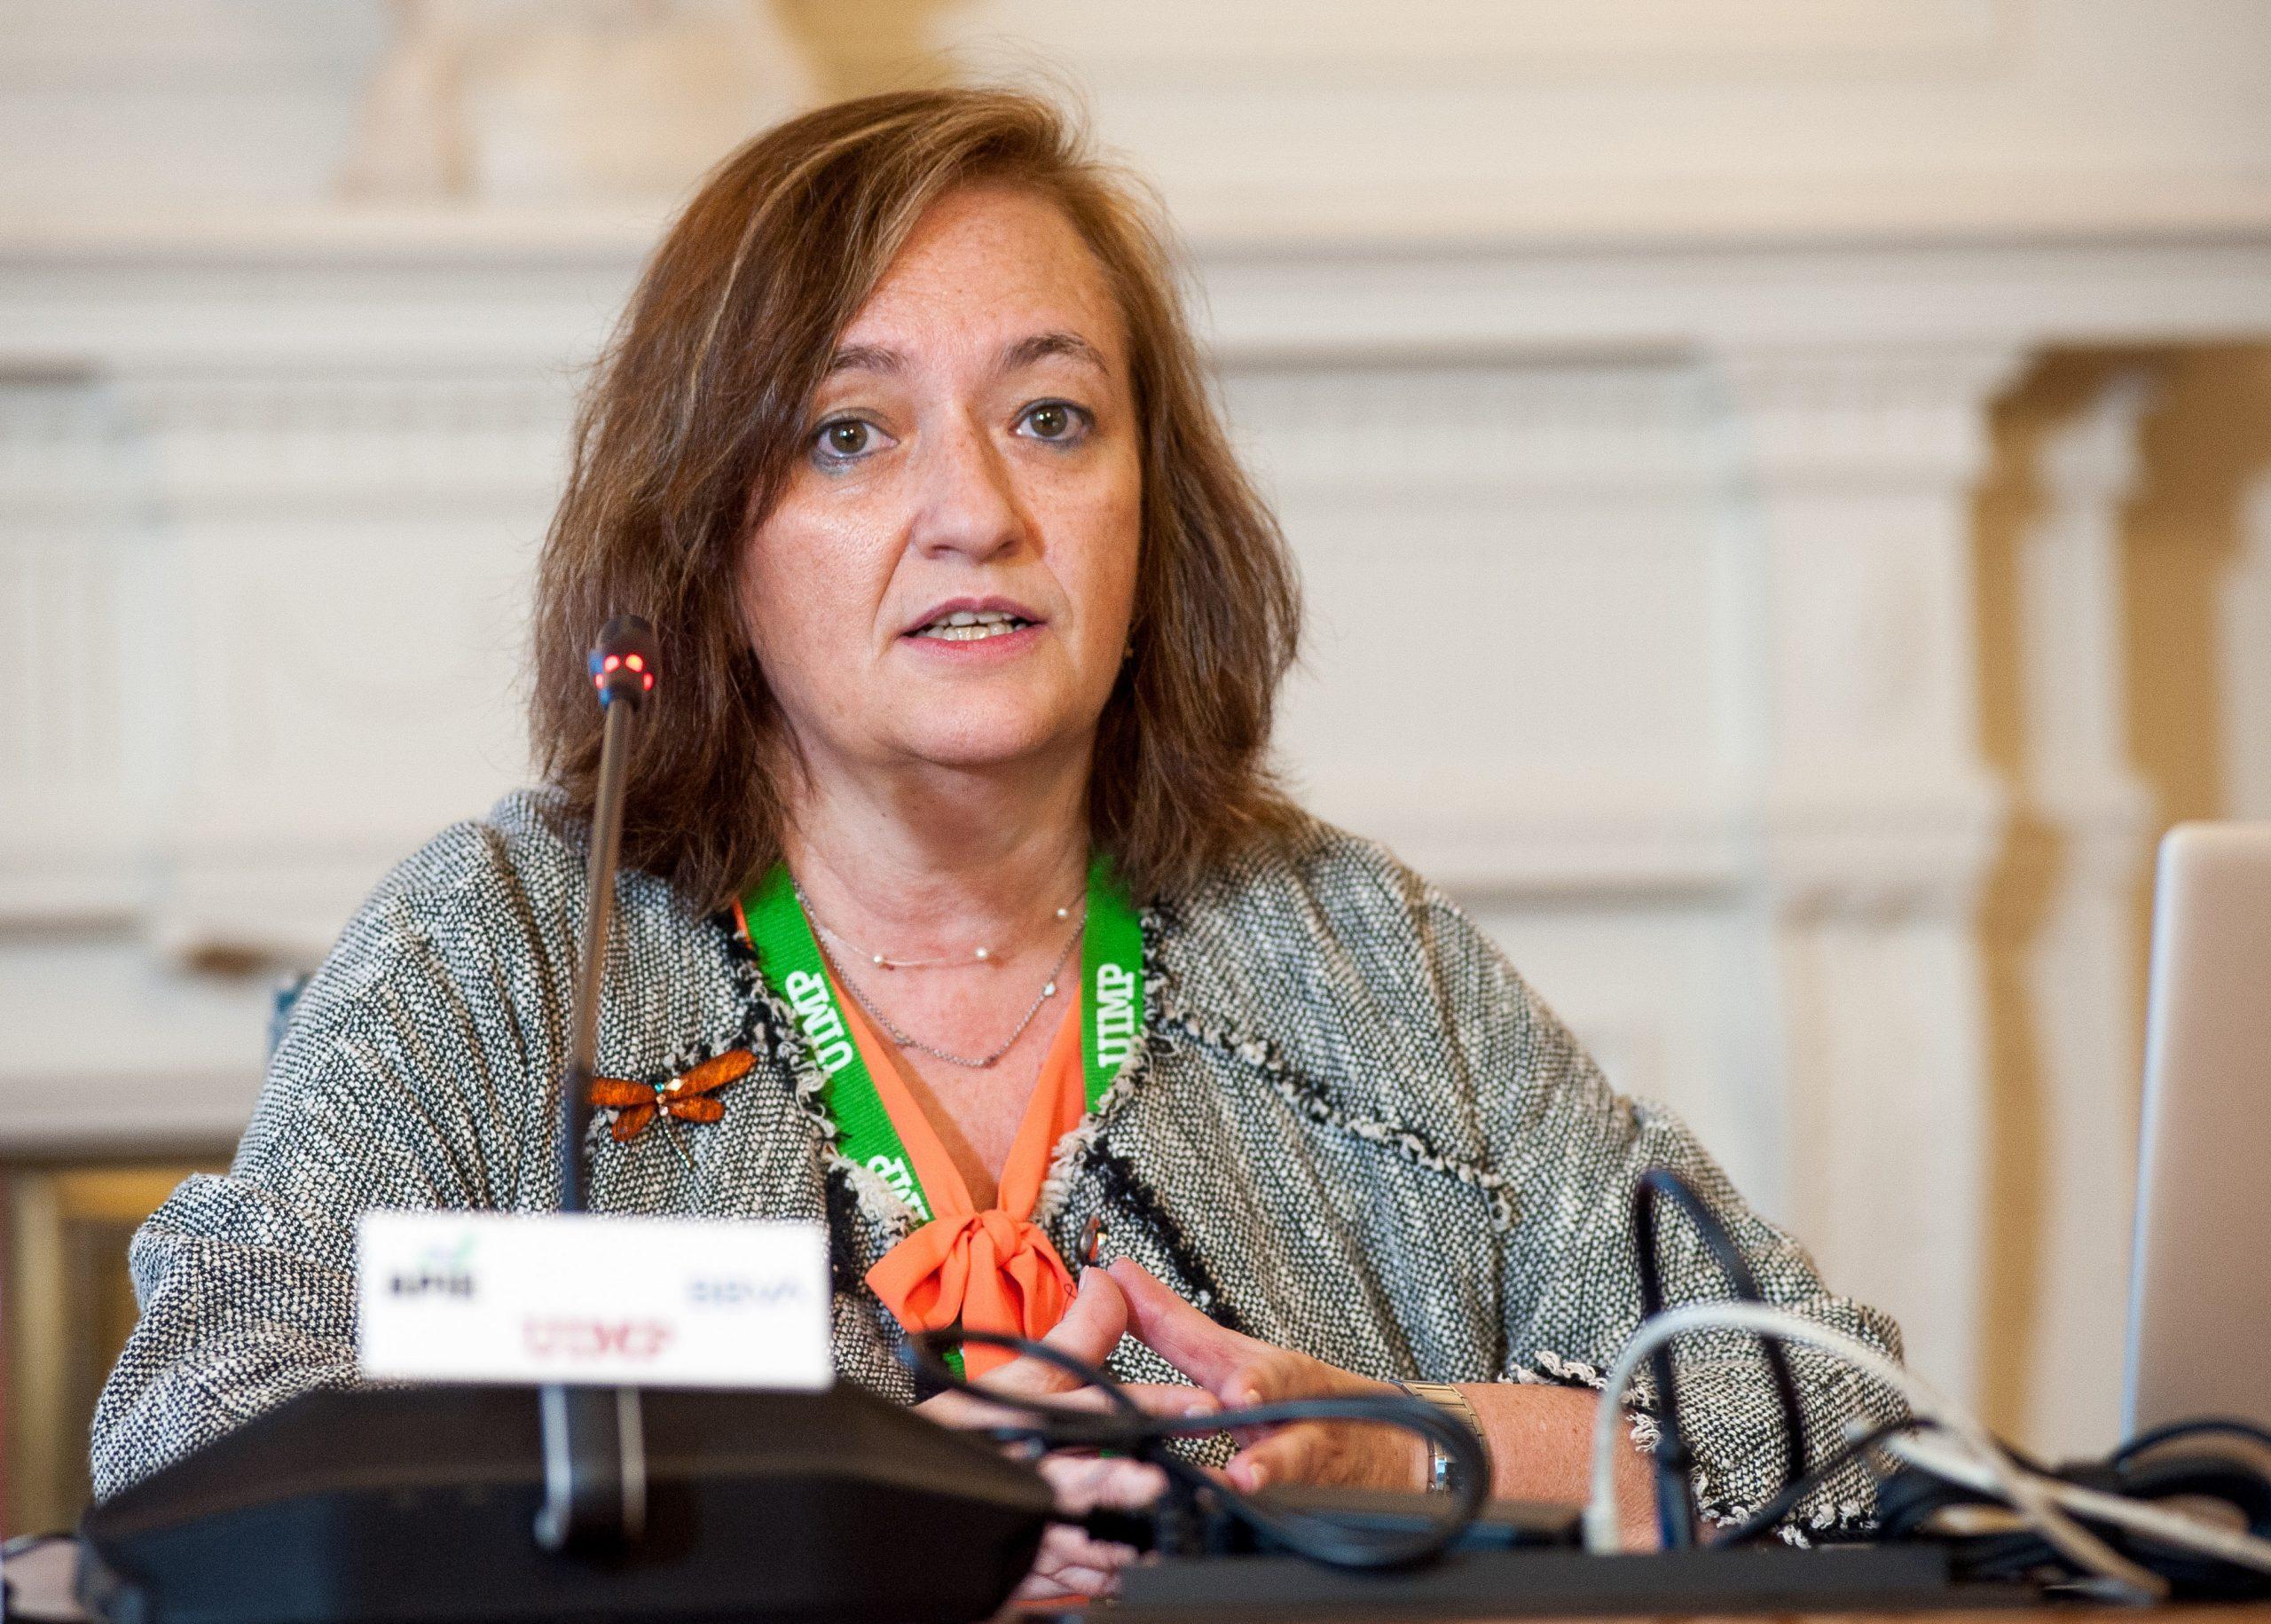 La presidenta de la AIReF, Cristina Herrero, en la UIMP